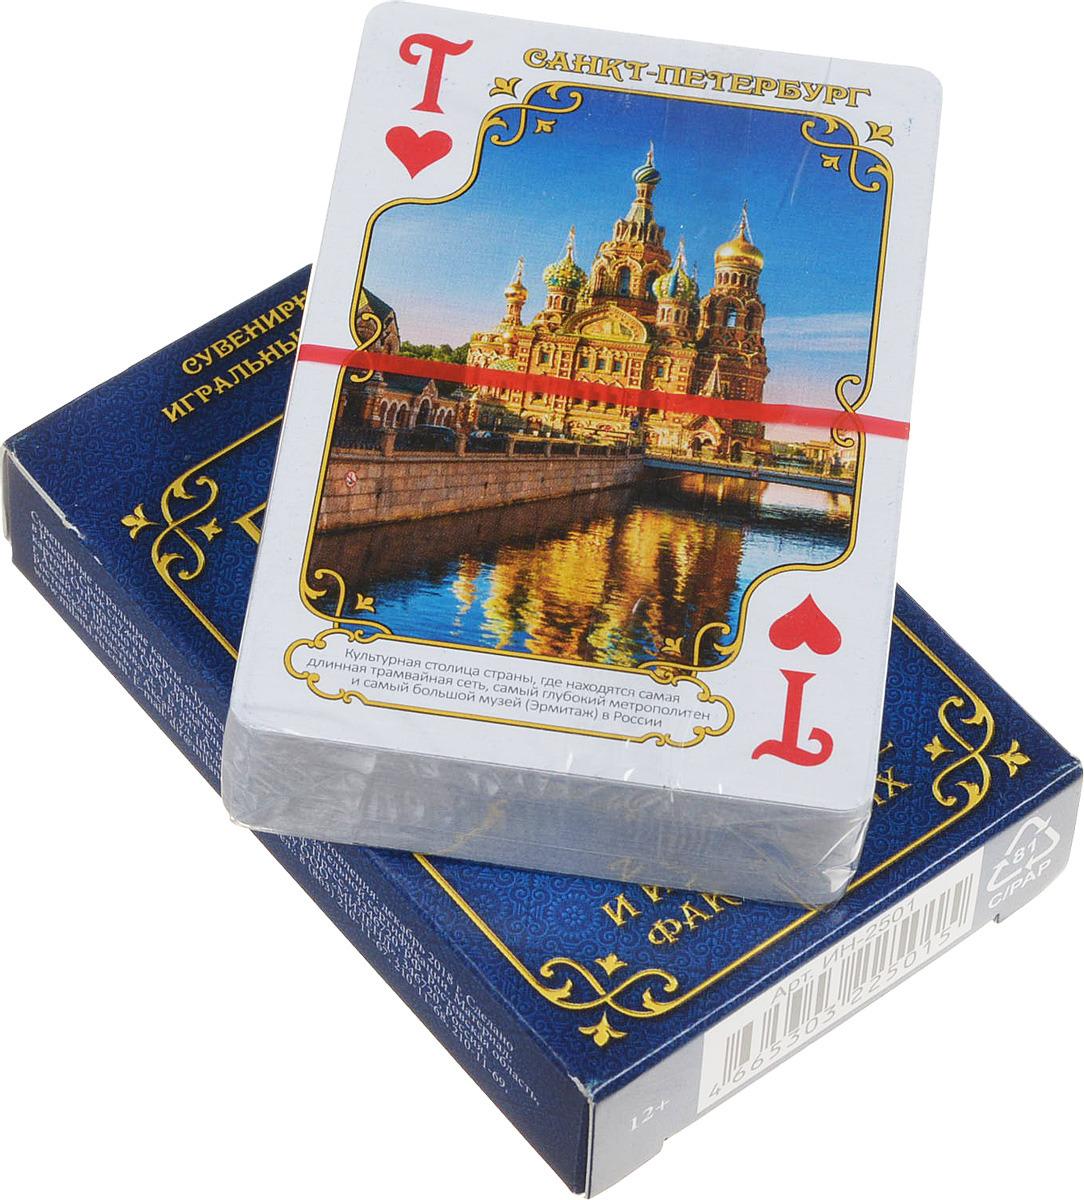 Сувенирные игральные карты Miland Города России ИН2501 54 шт Miland